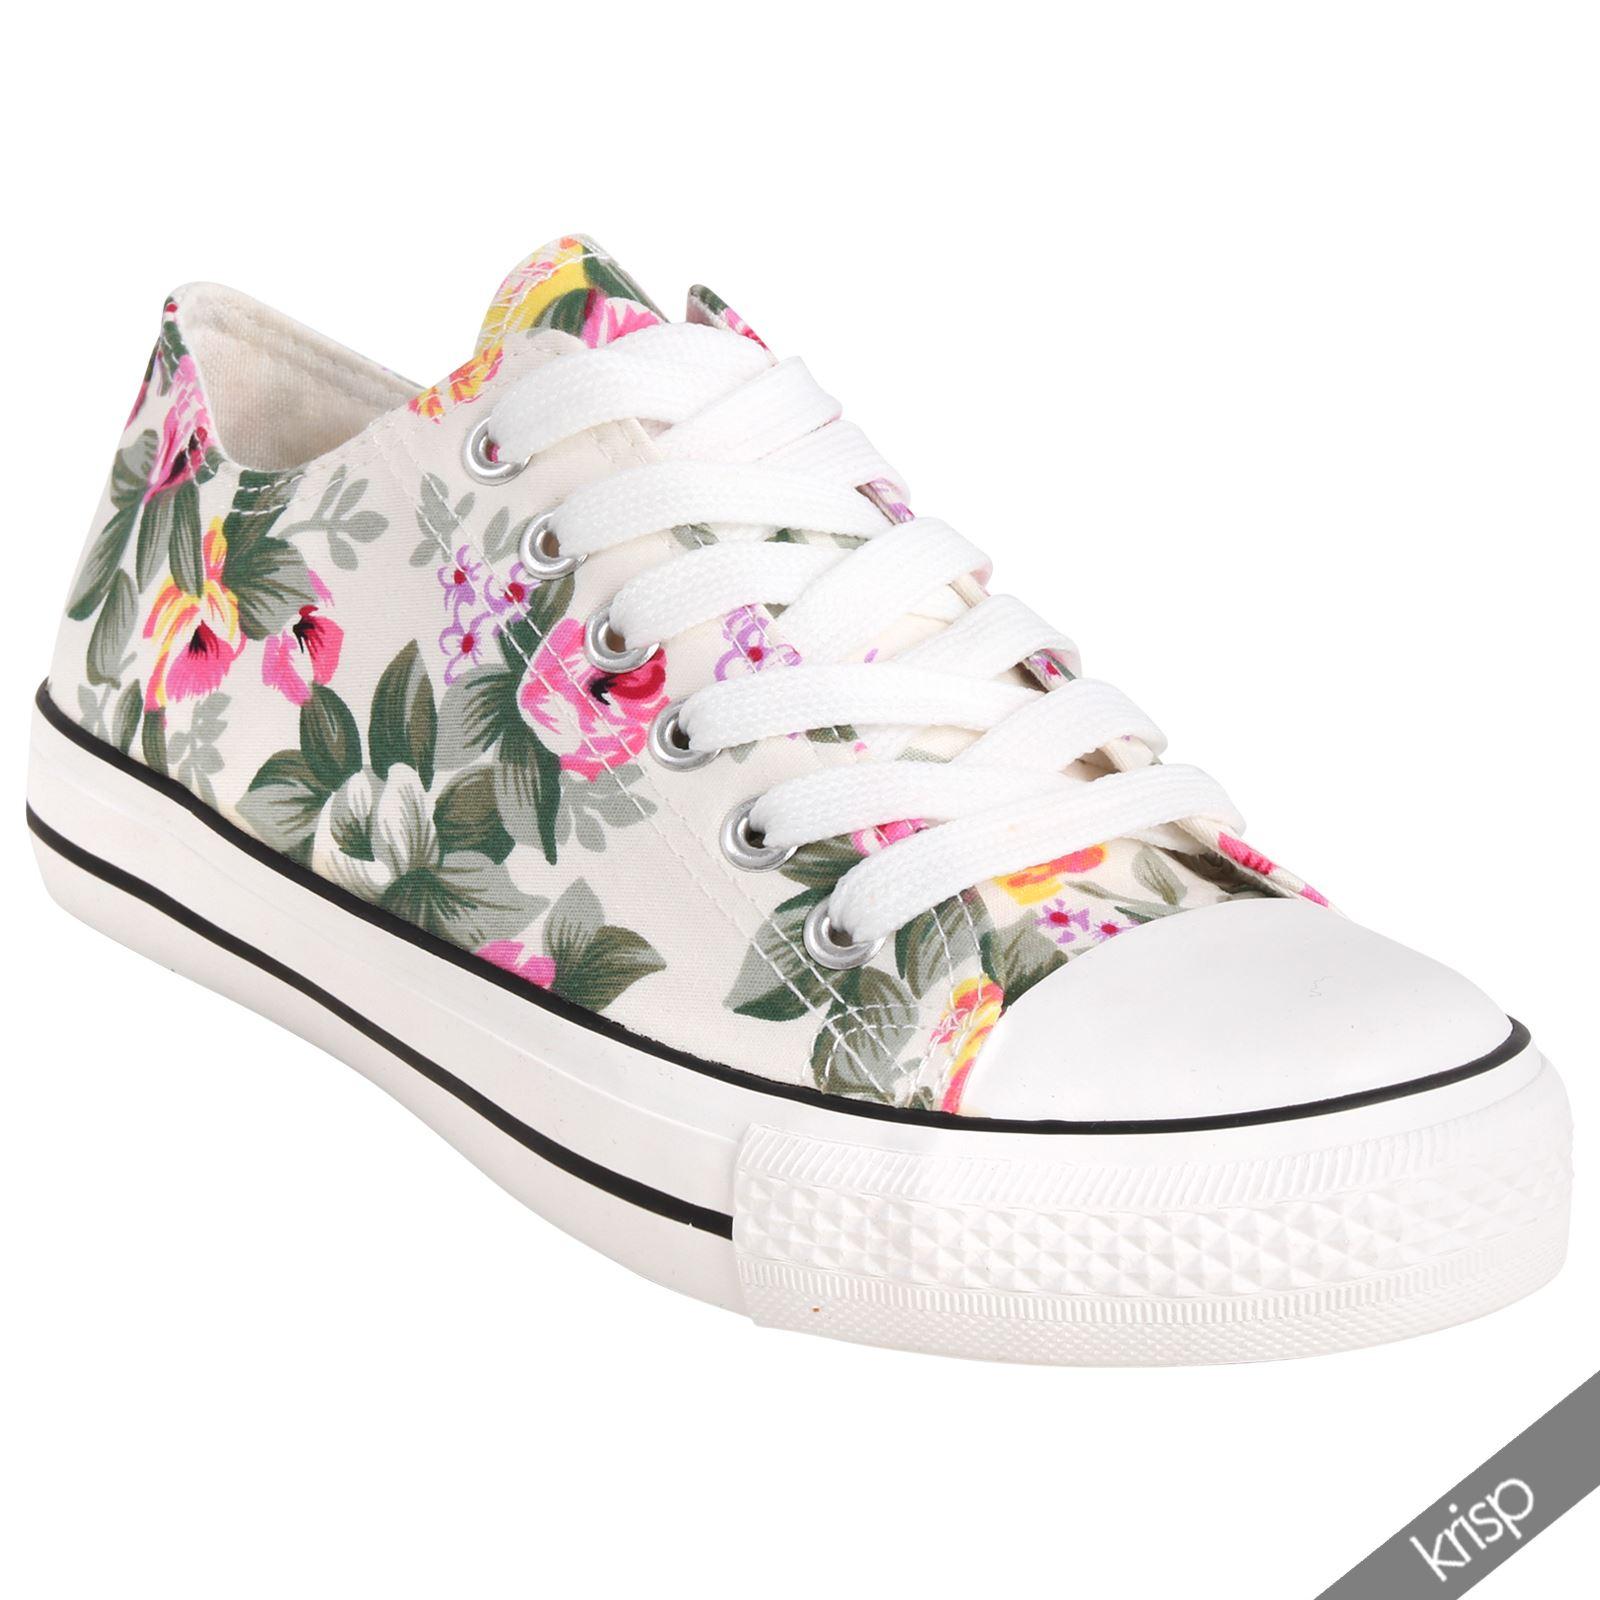 Floral Canvas Tennis Shoes